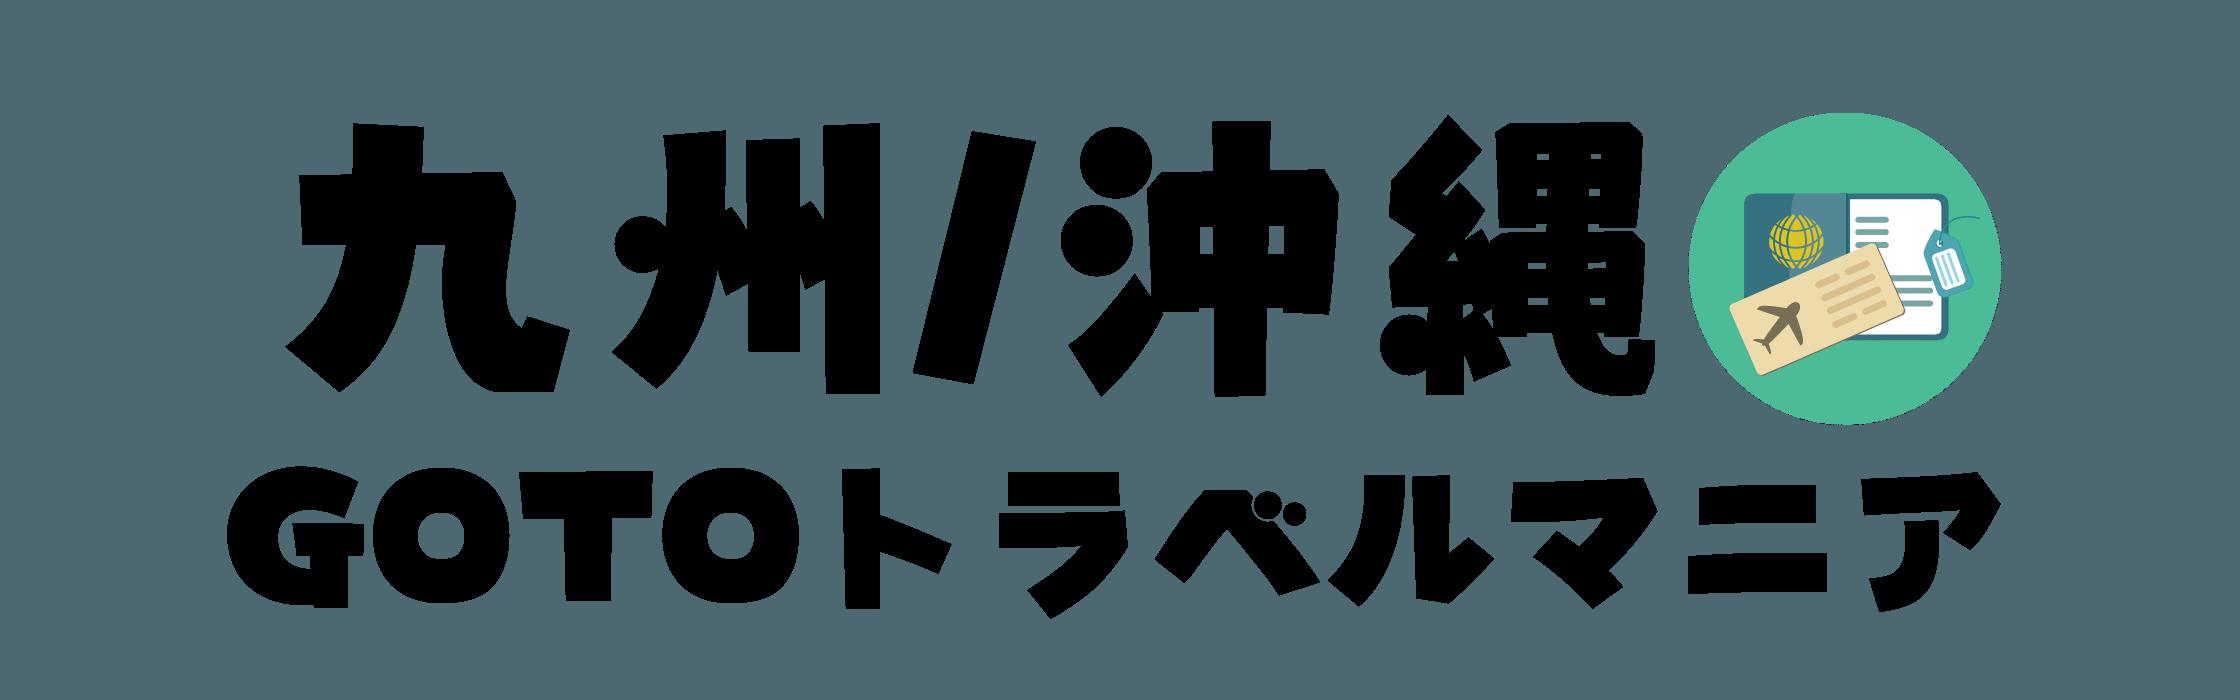 九州/沖縄のGOTOトラベルマニア